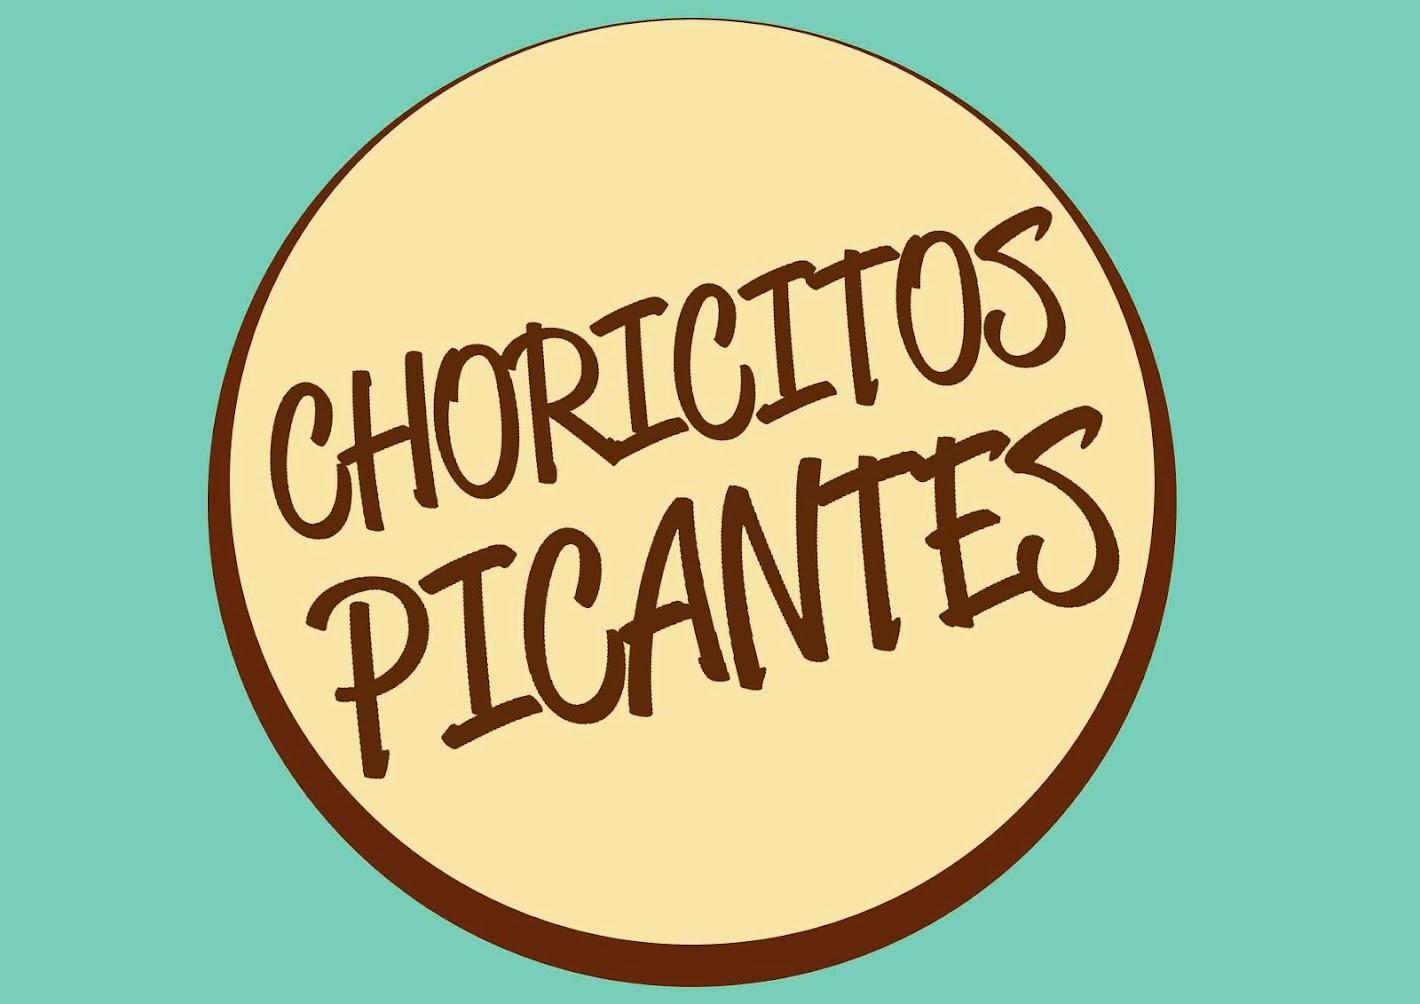 Choricitos Picantes